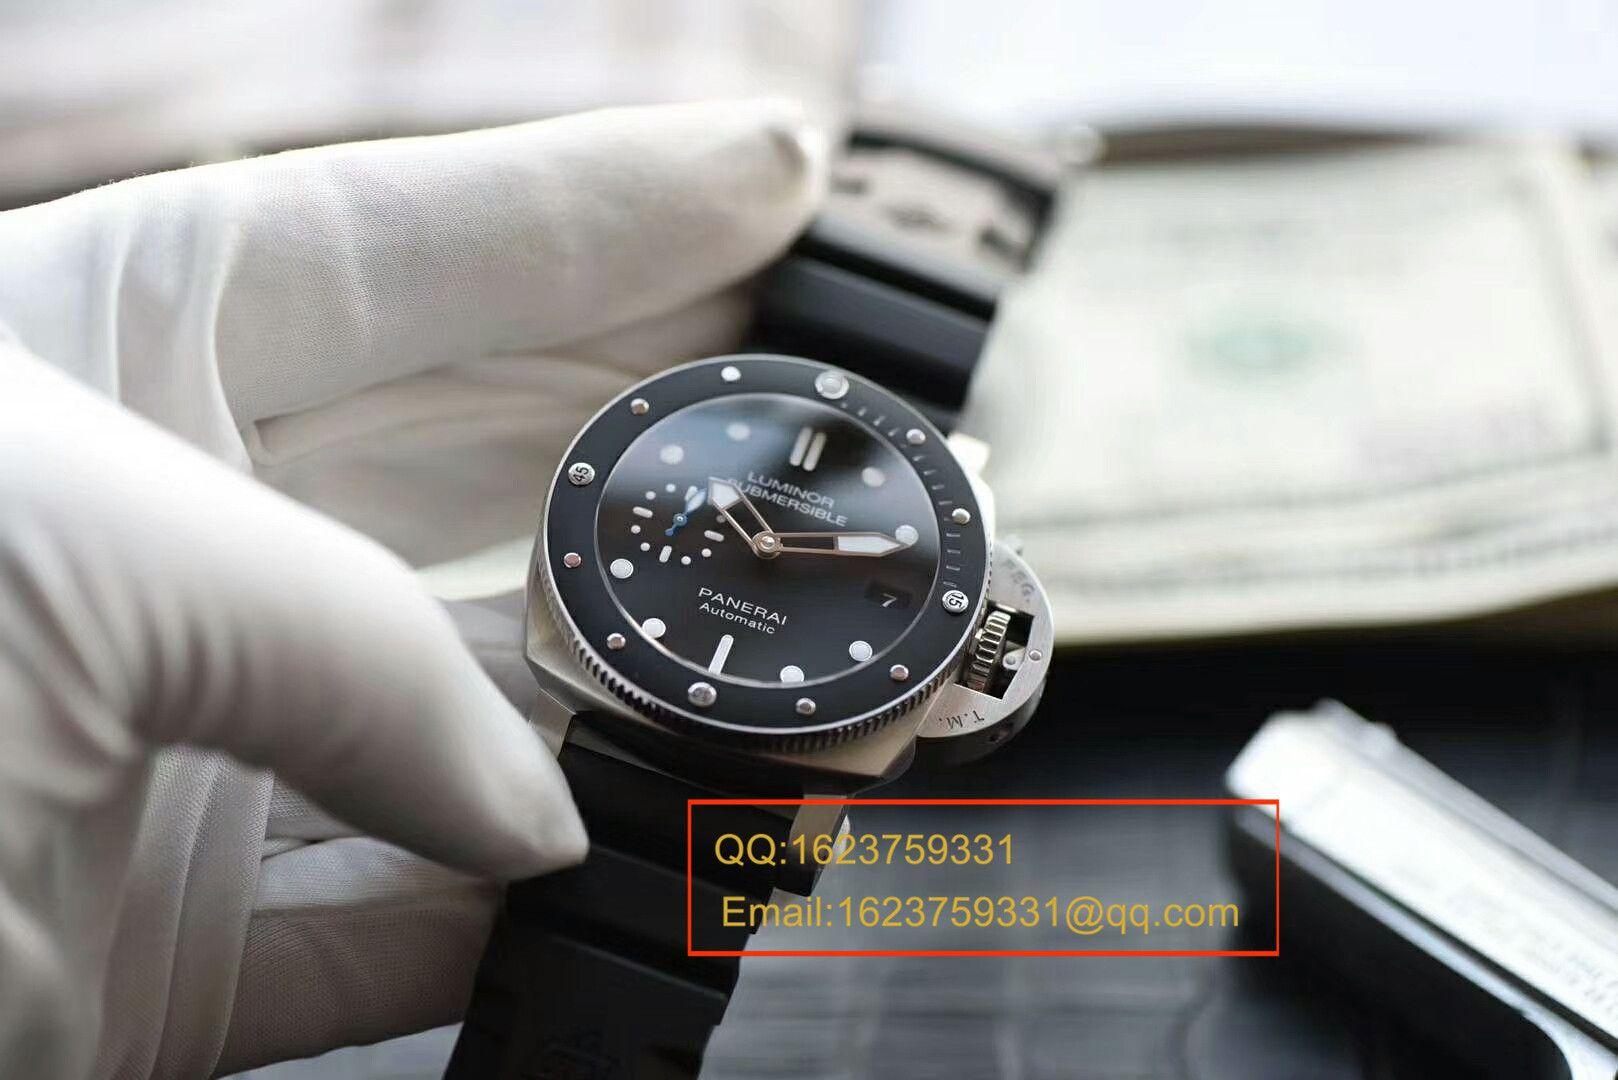 【视频评测XF厂一比一超A高仿手表】沛纳海LUMINOR 1950系列PAM00684A腕表 / XFB0PAM00684A